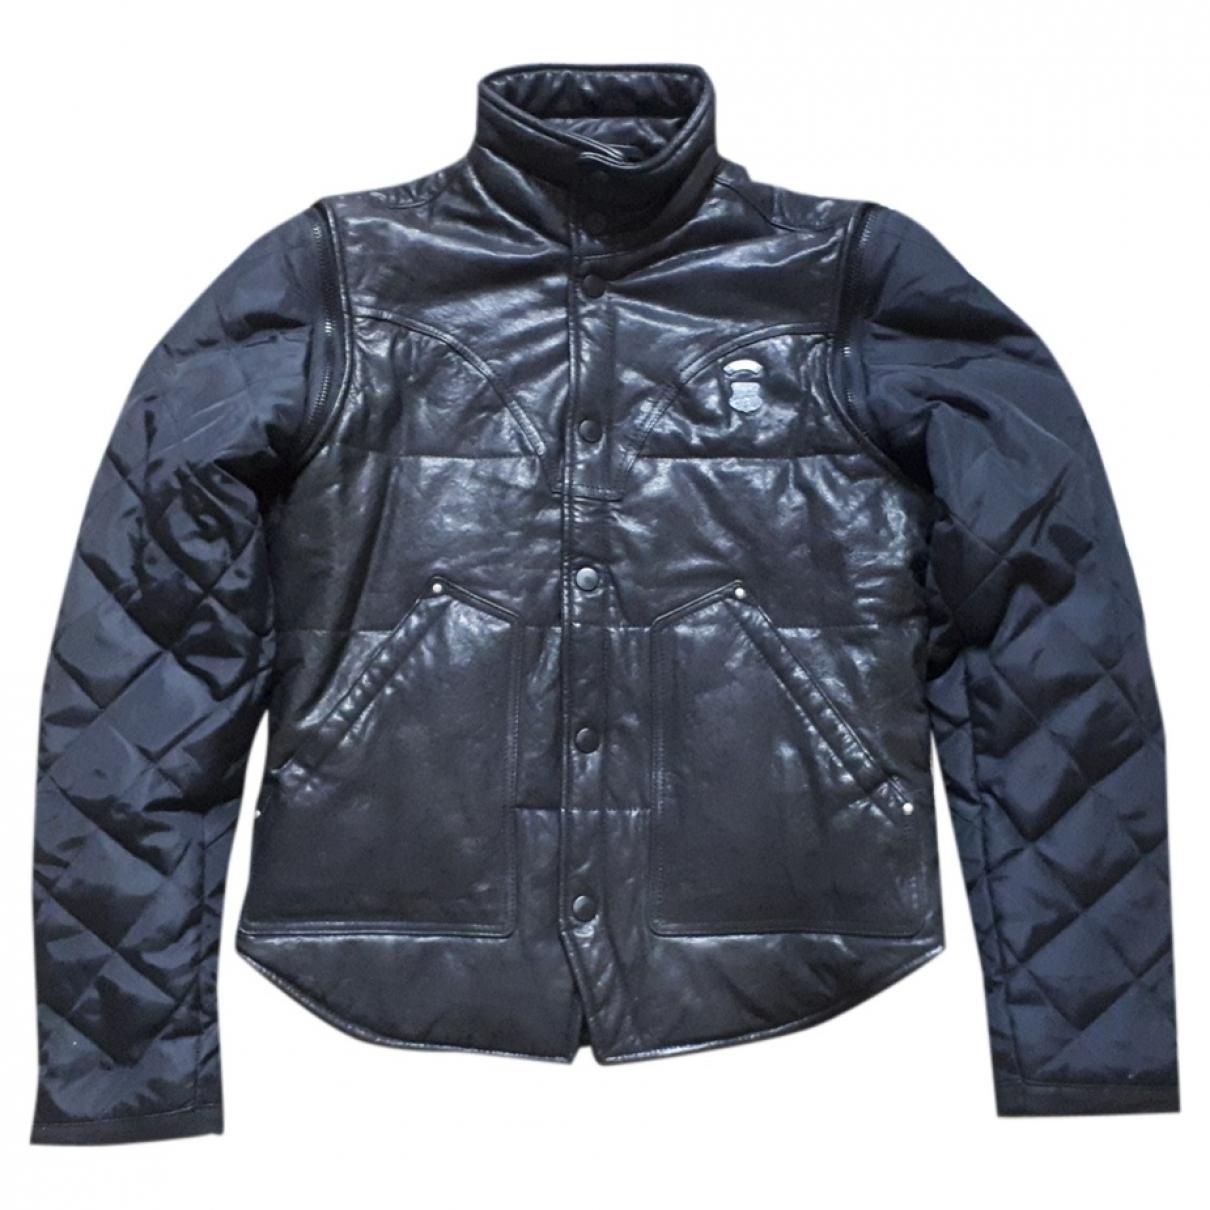 Diesel - Vestes.Blousons   pour homme en cuir - noir